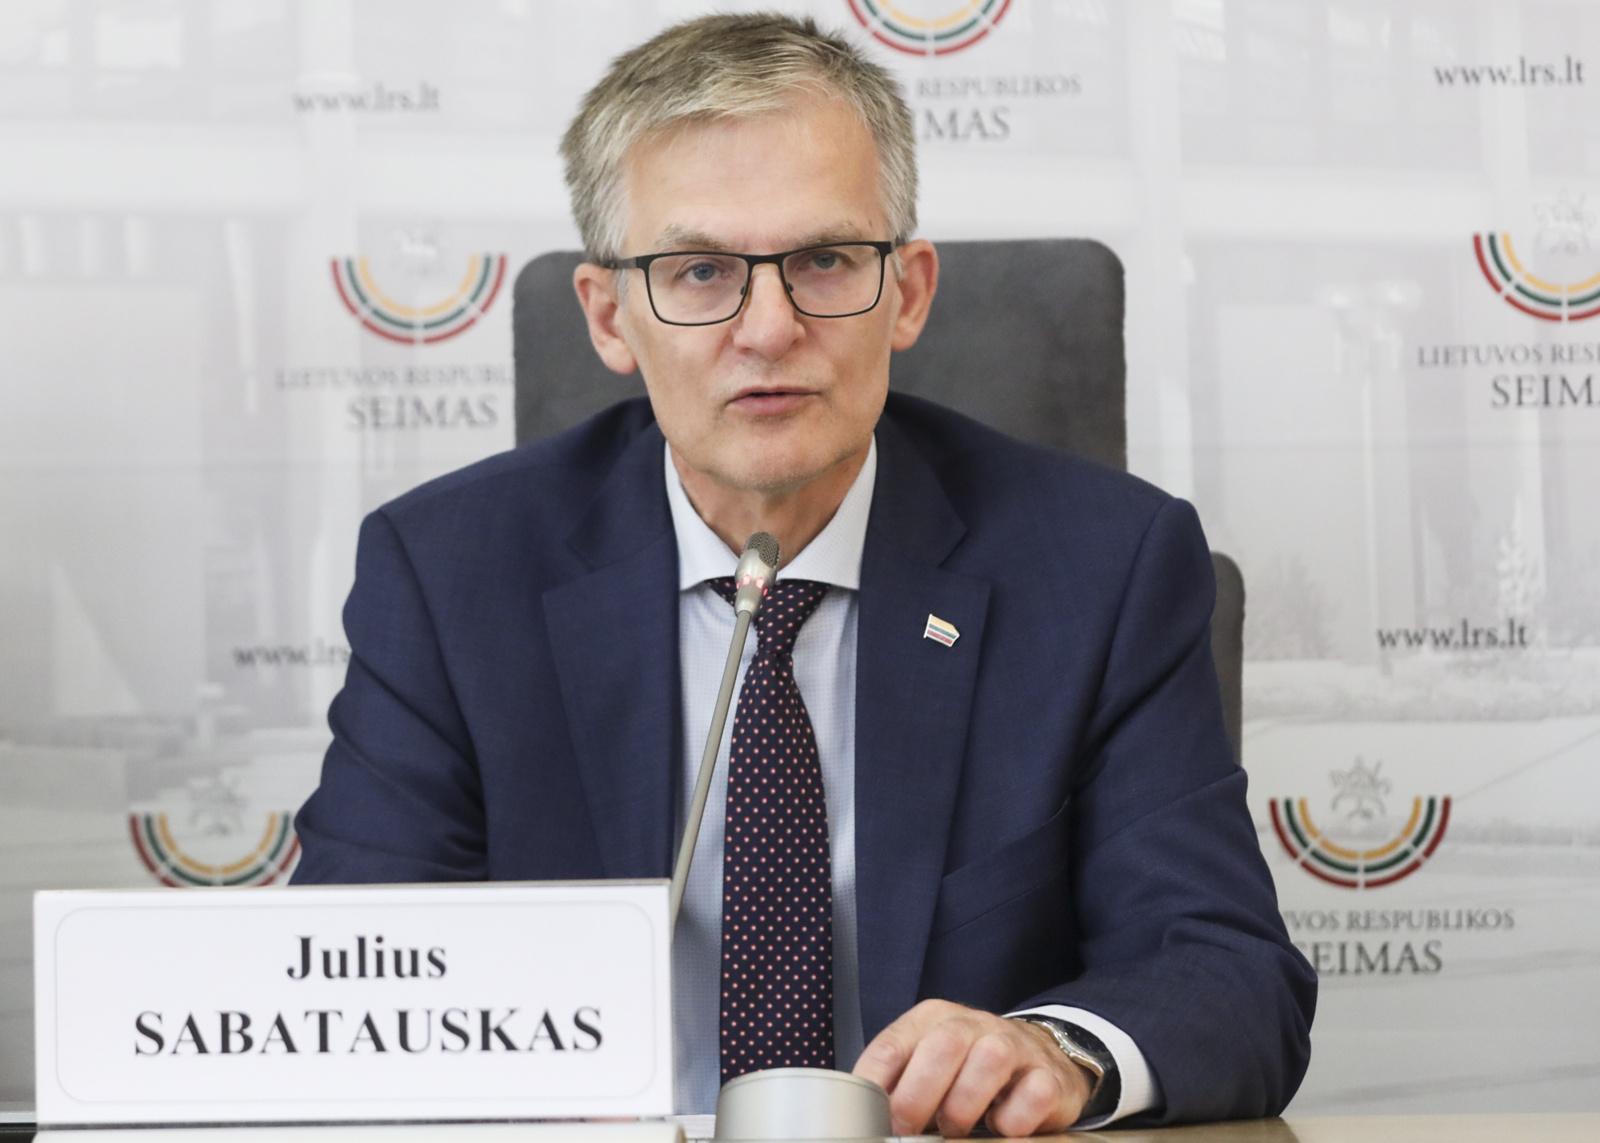 Opozicijos lyderis J. Sabatauskas ragina kuo greičiau spręsti advokatų krizę